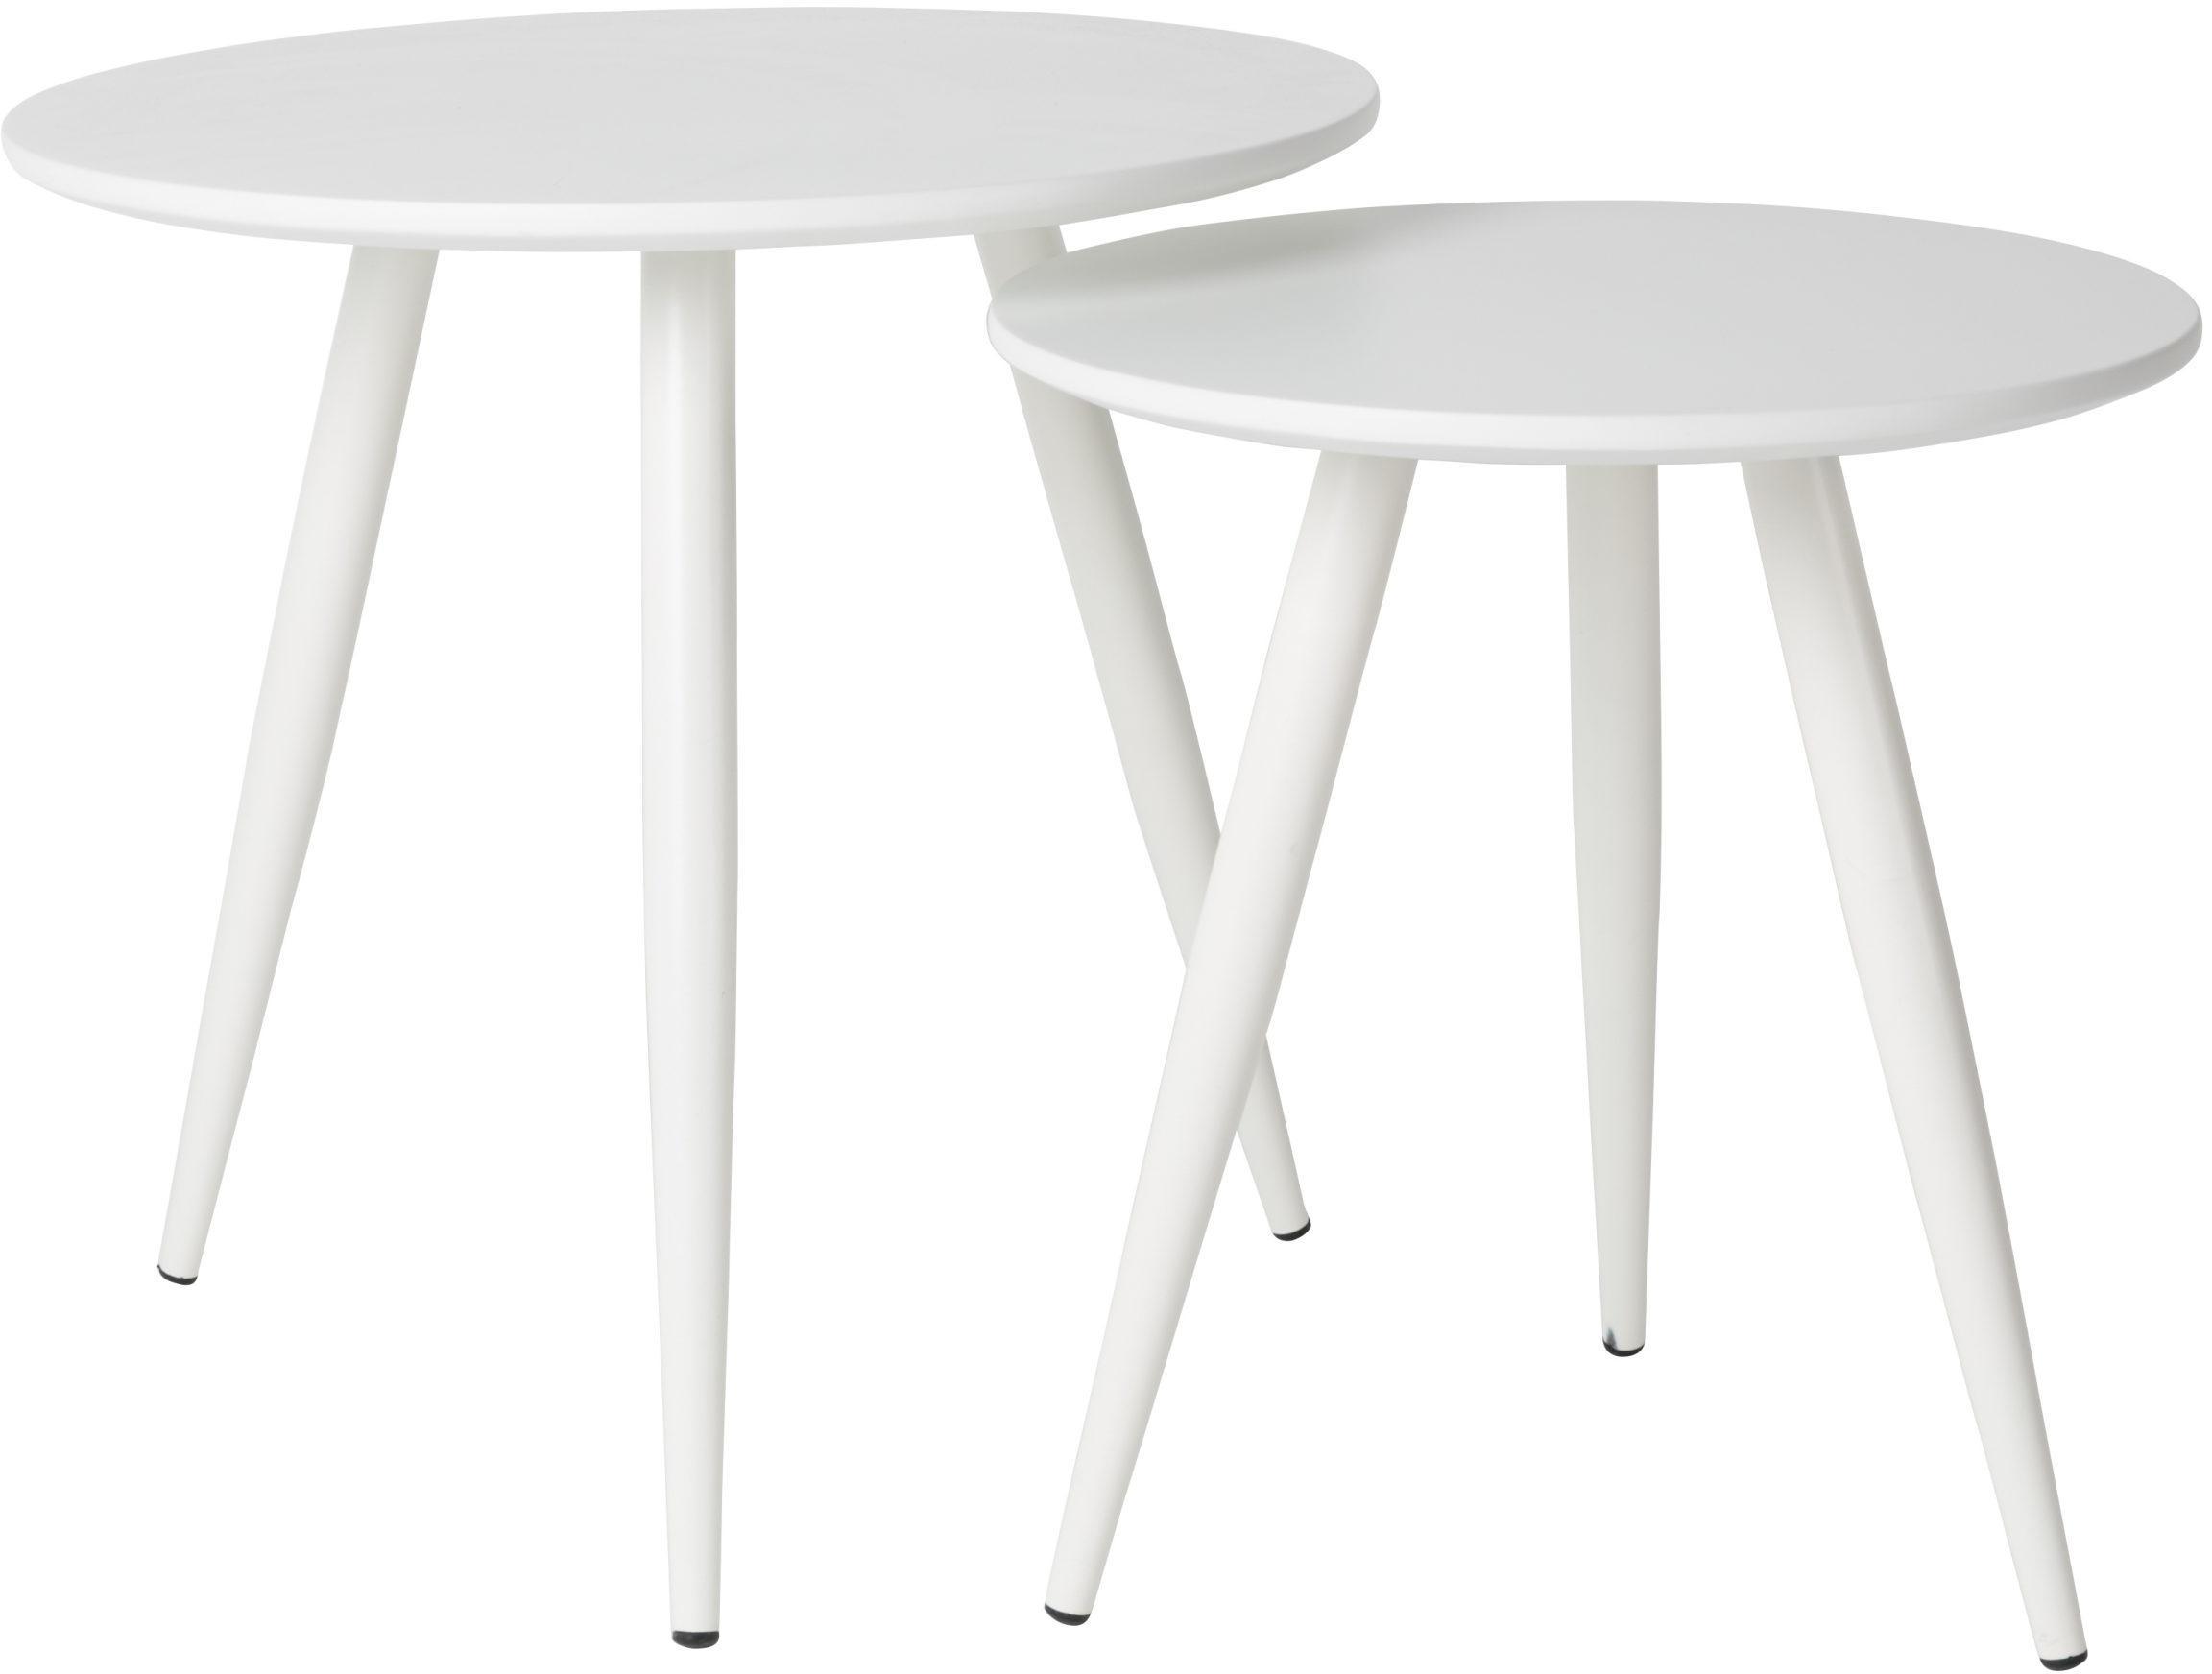 Komplet stolików pomocniczych Daven, 2 elem., Blat: płyta pilśniowa średniej , Nogi: metal malowany proszkowo, Biały, Komplet z różnymi rozmiarami